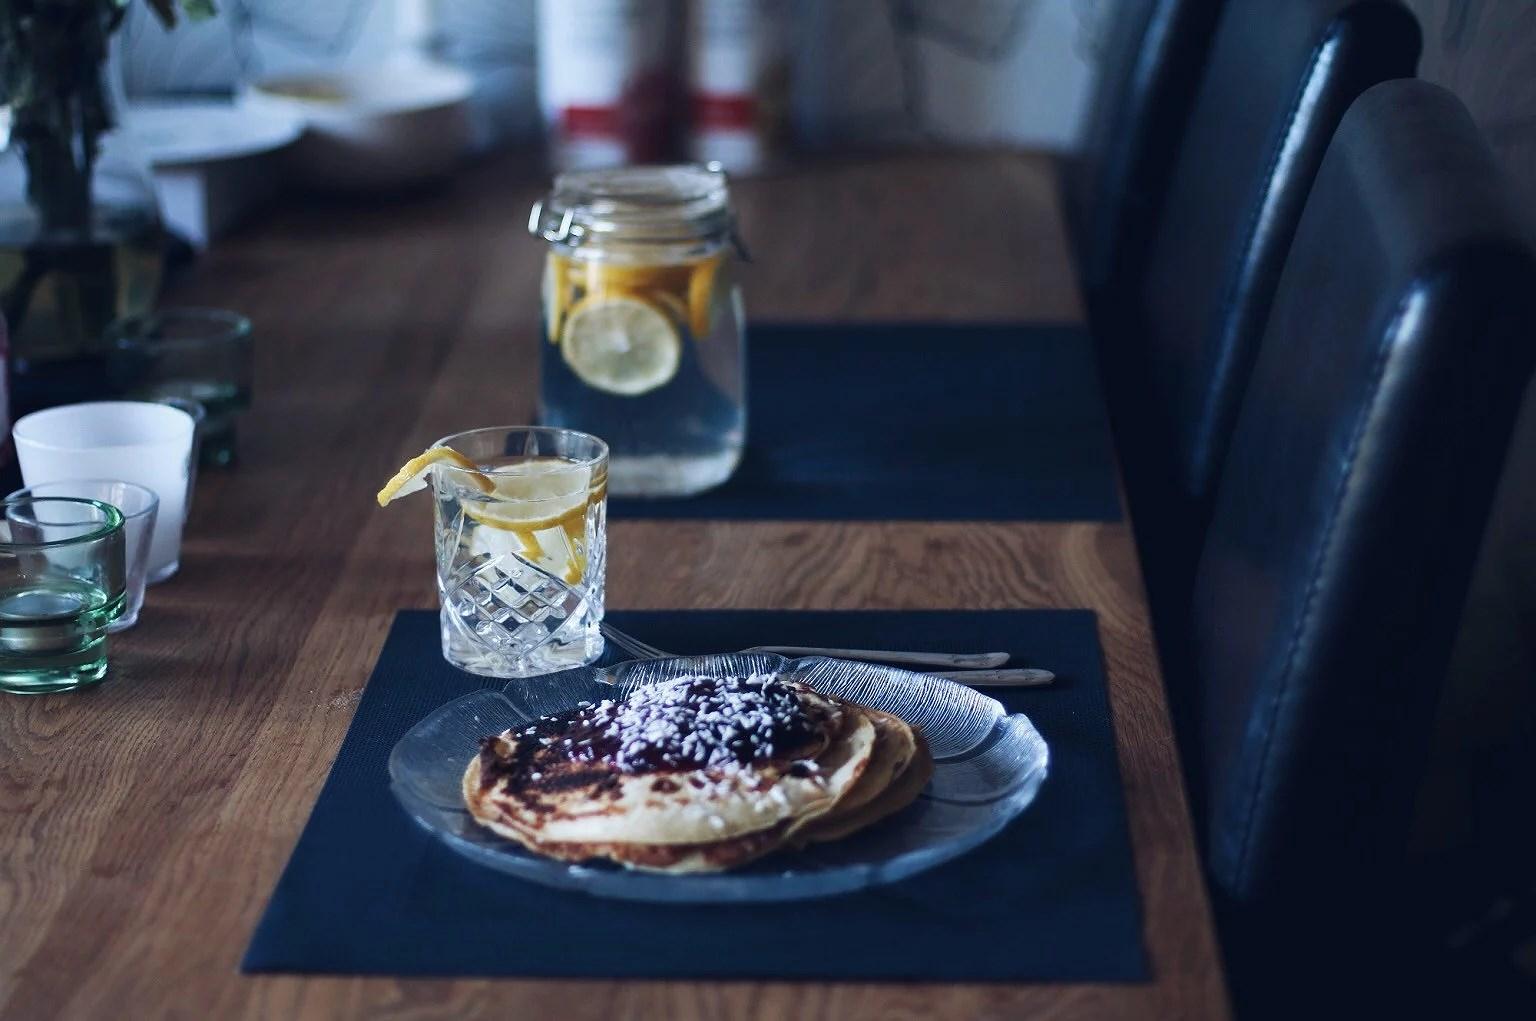 Pannkaksfrukost